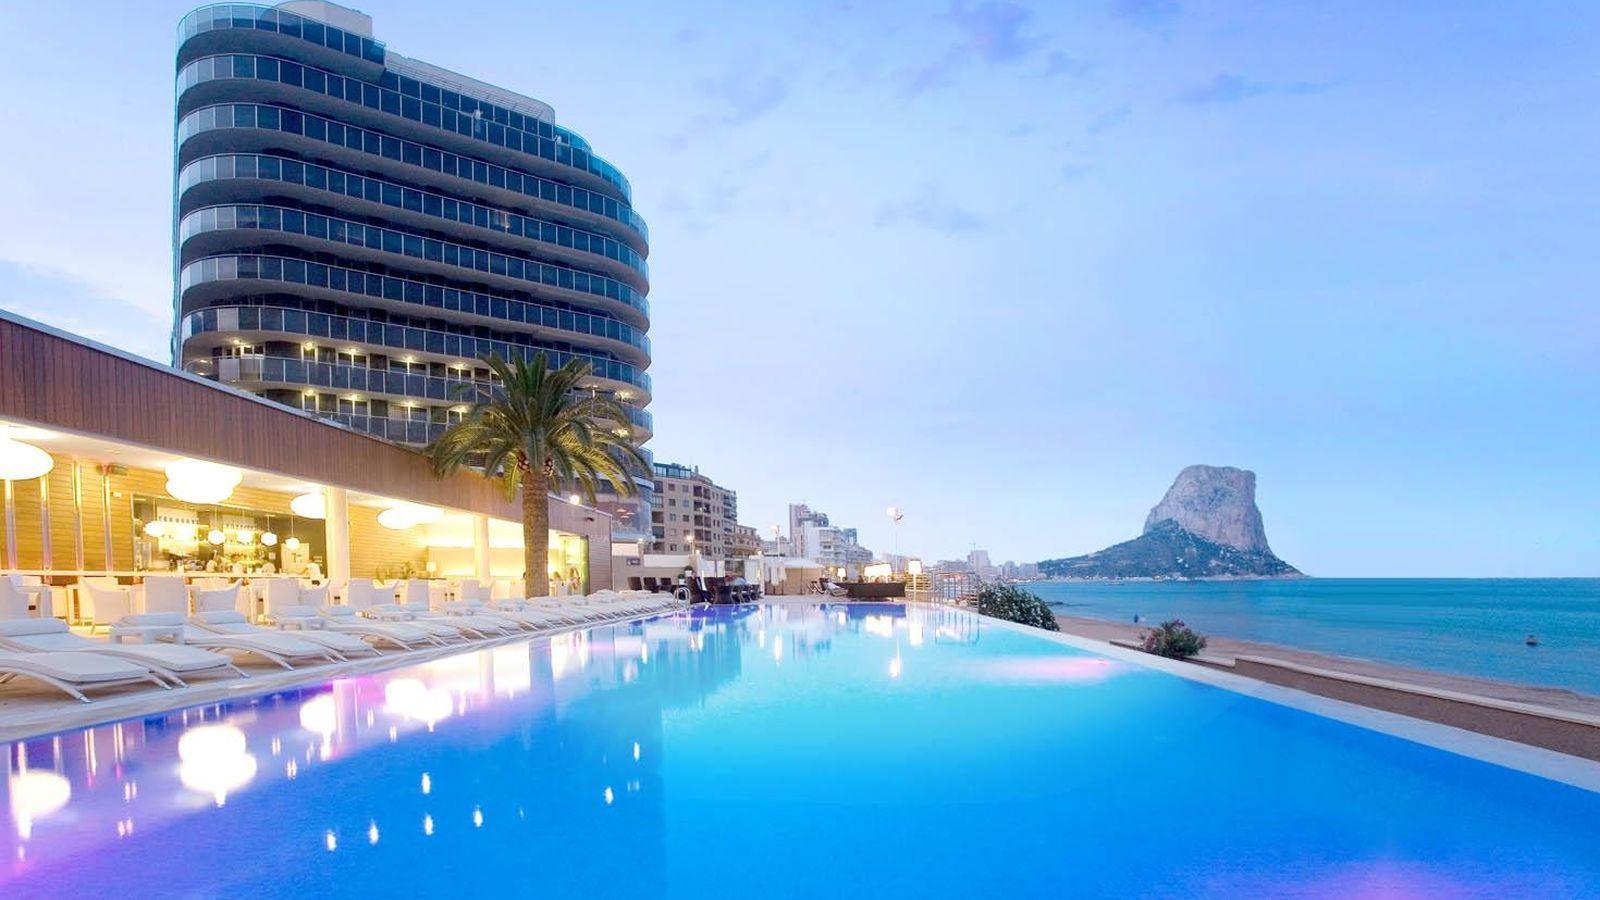 Viajes en espa a marbella barcelona calpe los 10 for Hoteles de superlujo en espana